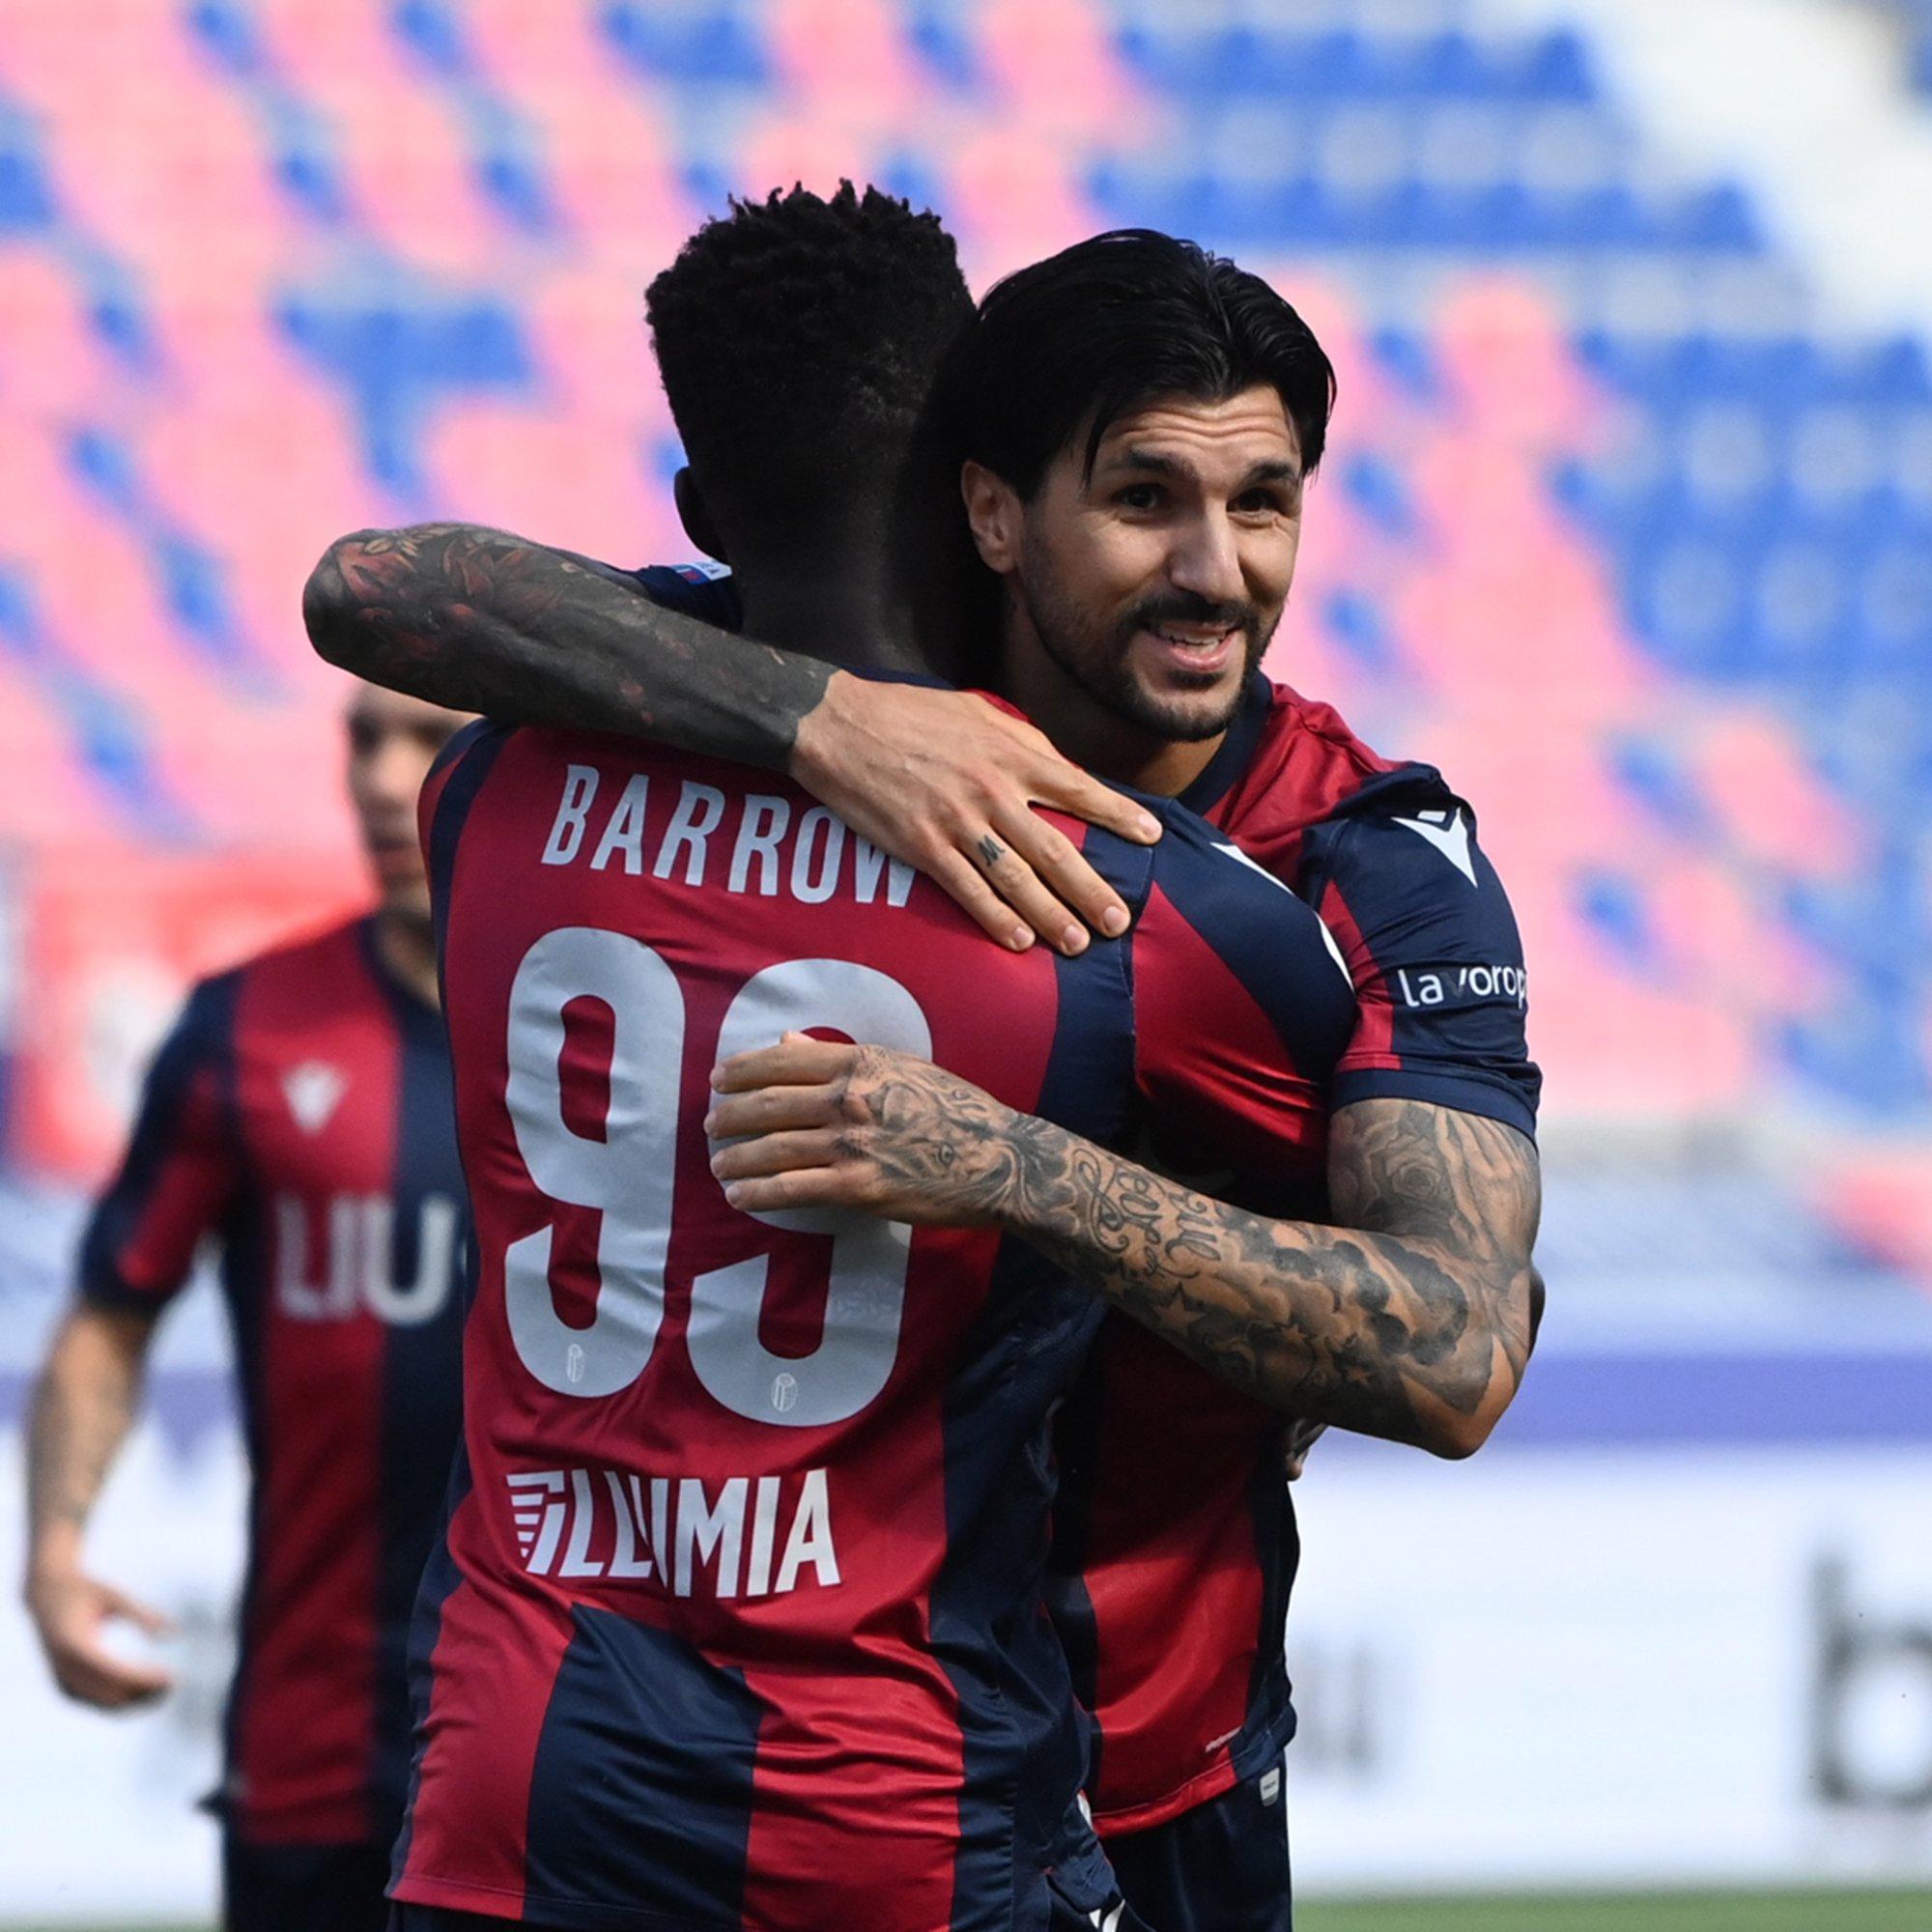 Barrow Soriano Bologna-Lecce